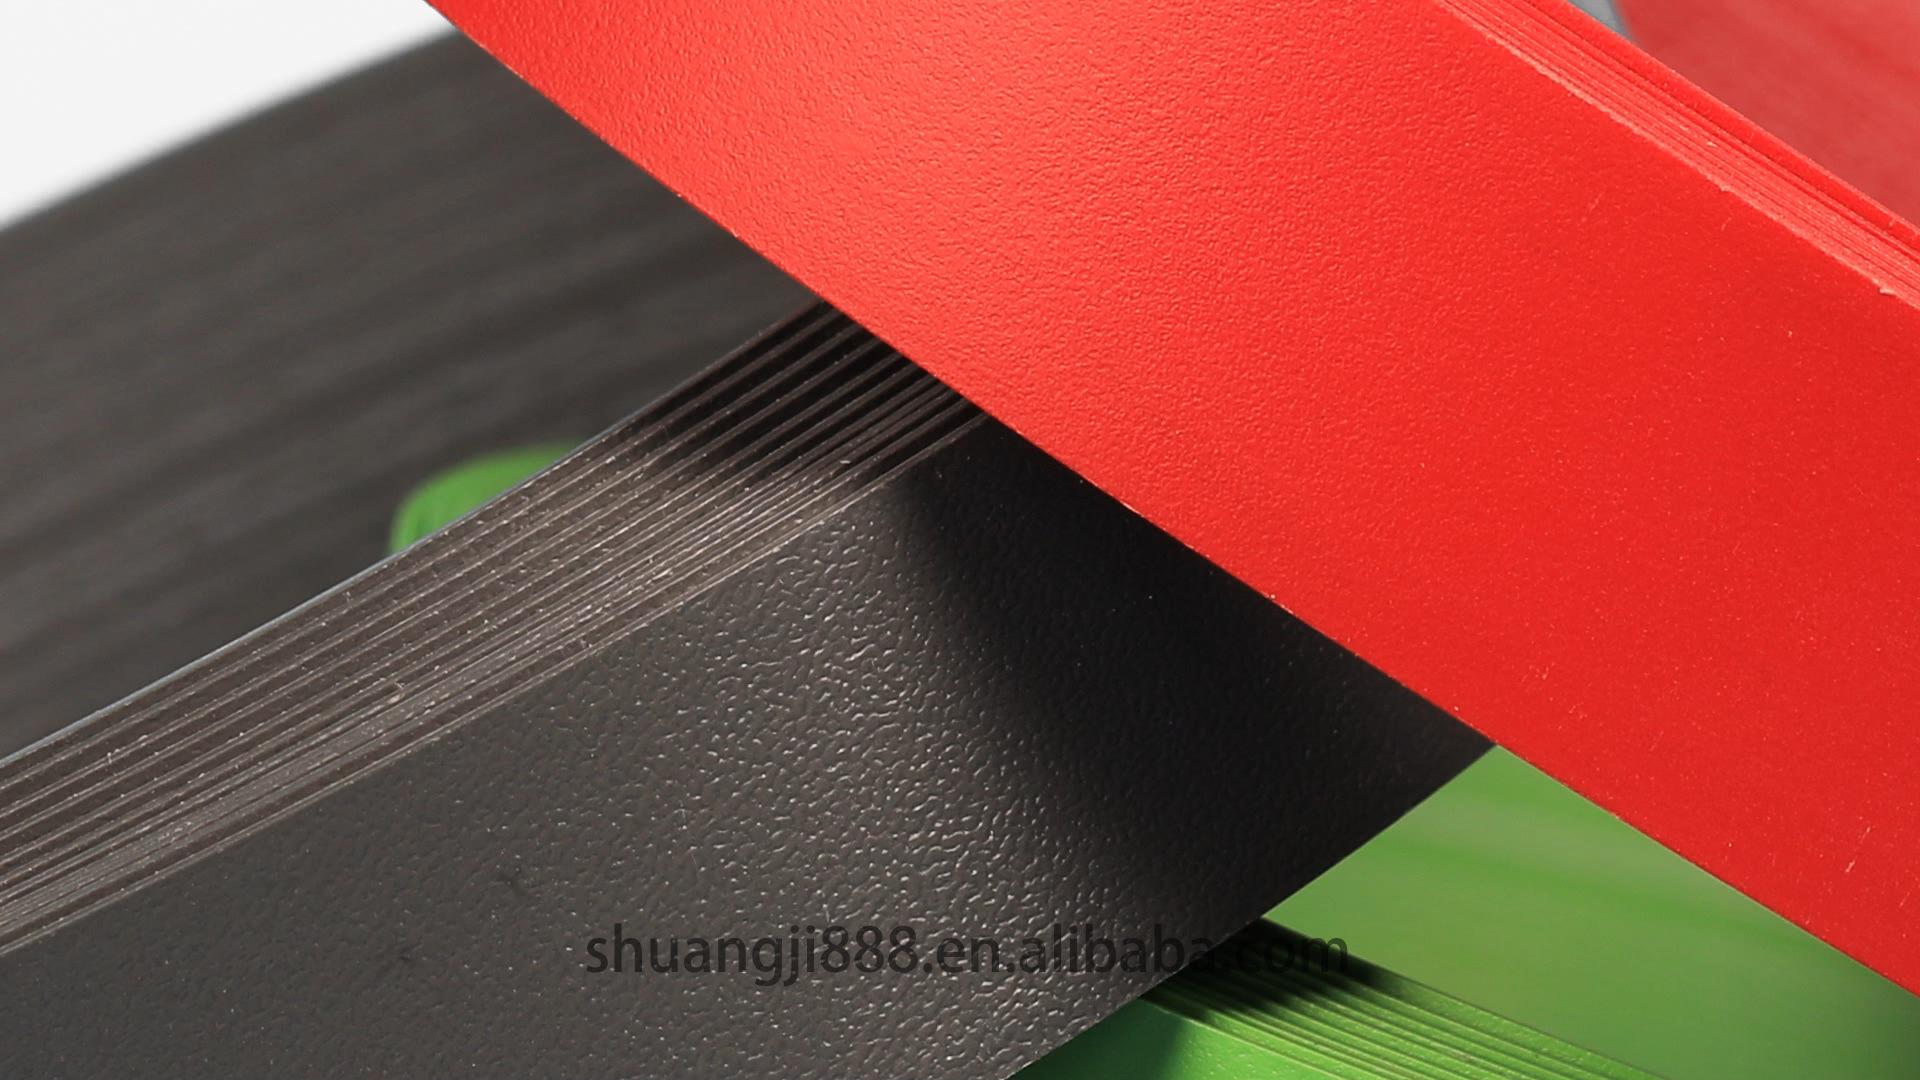 Pvc borda da borda do armário/cozinha aplicação de orlas de PVC tiras/todos os tipos de aplicação de orlas